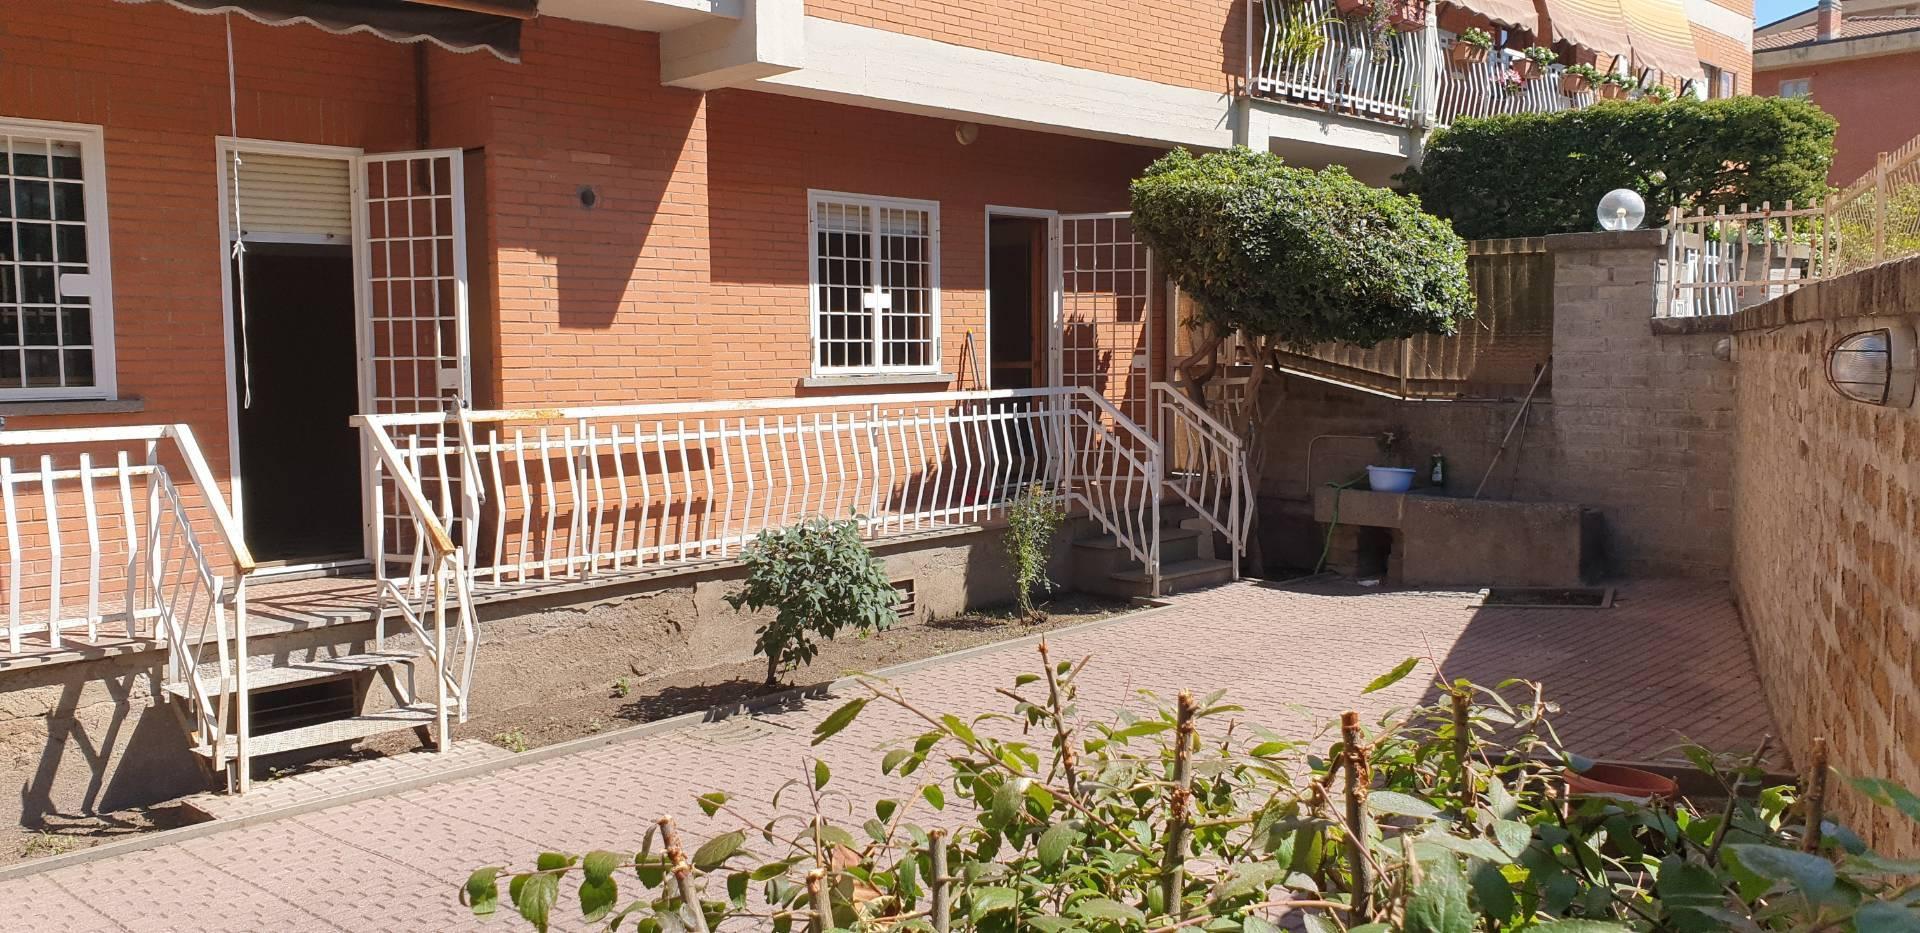 Appartamento in vendita a Viterbo, 3 locali, zona Zona: Semicentro, prezzo € 95.000 | CambioCasa.it